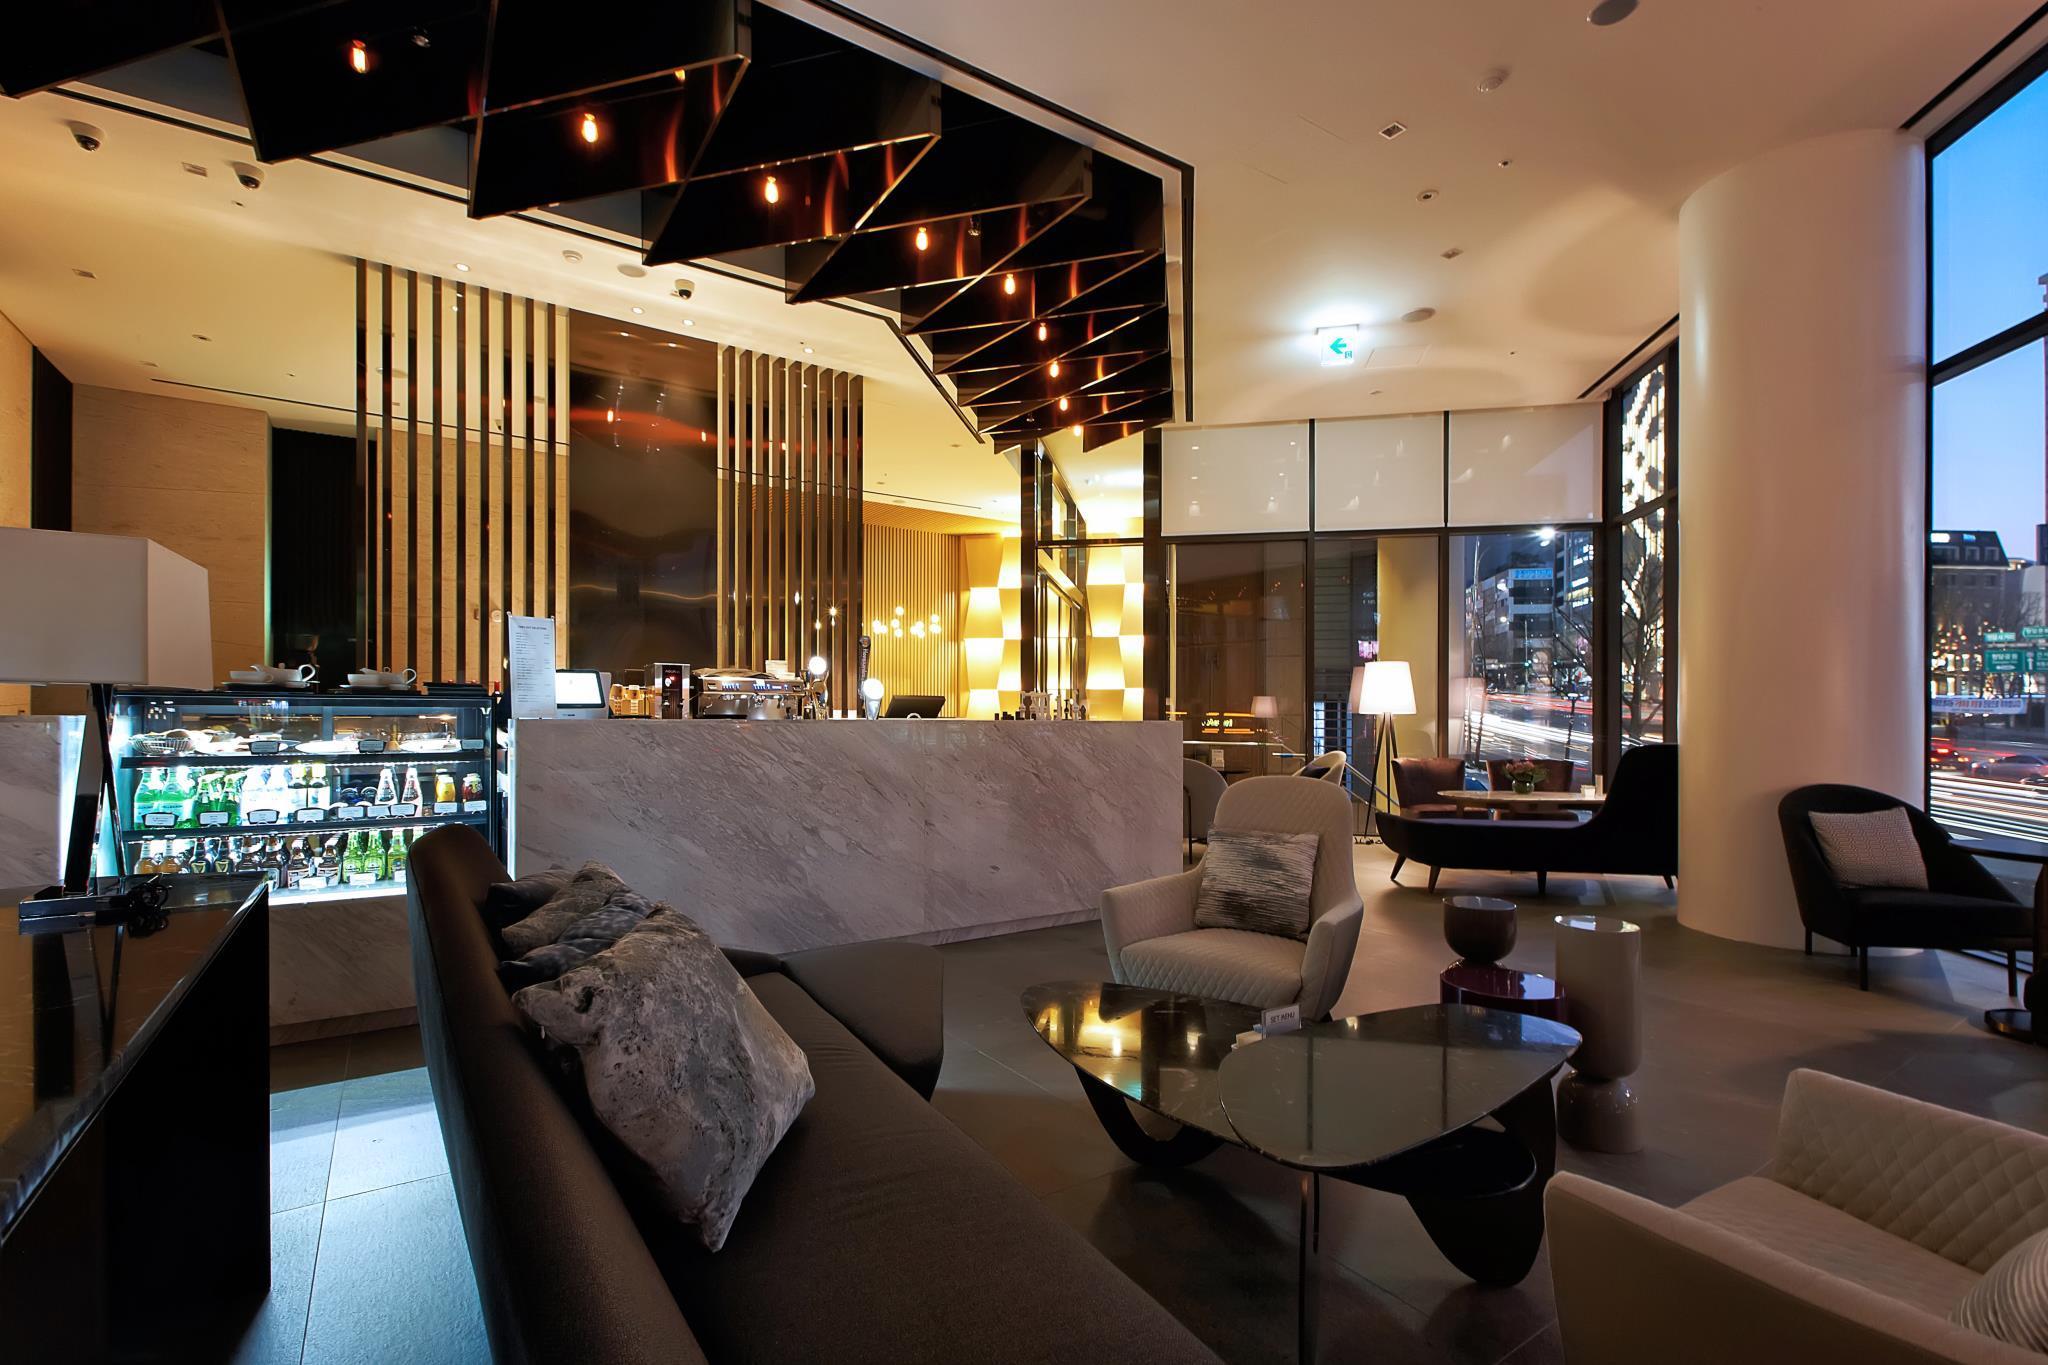 Hotel ENTRA Gangnam